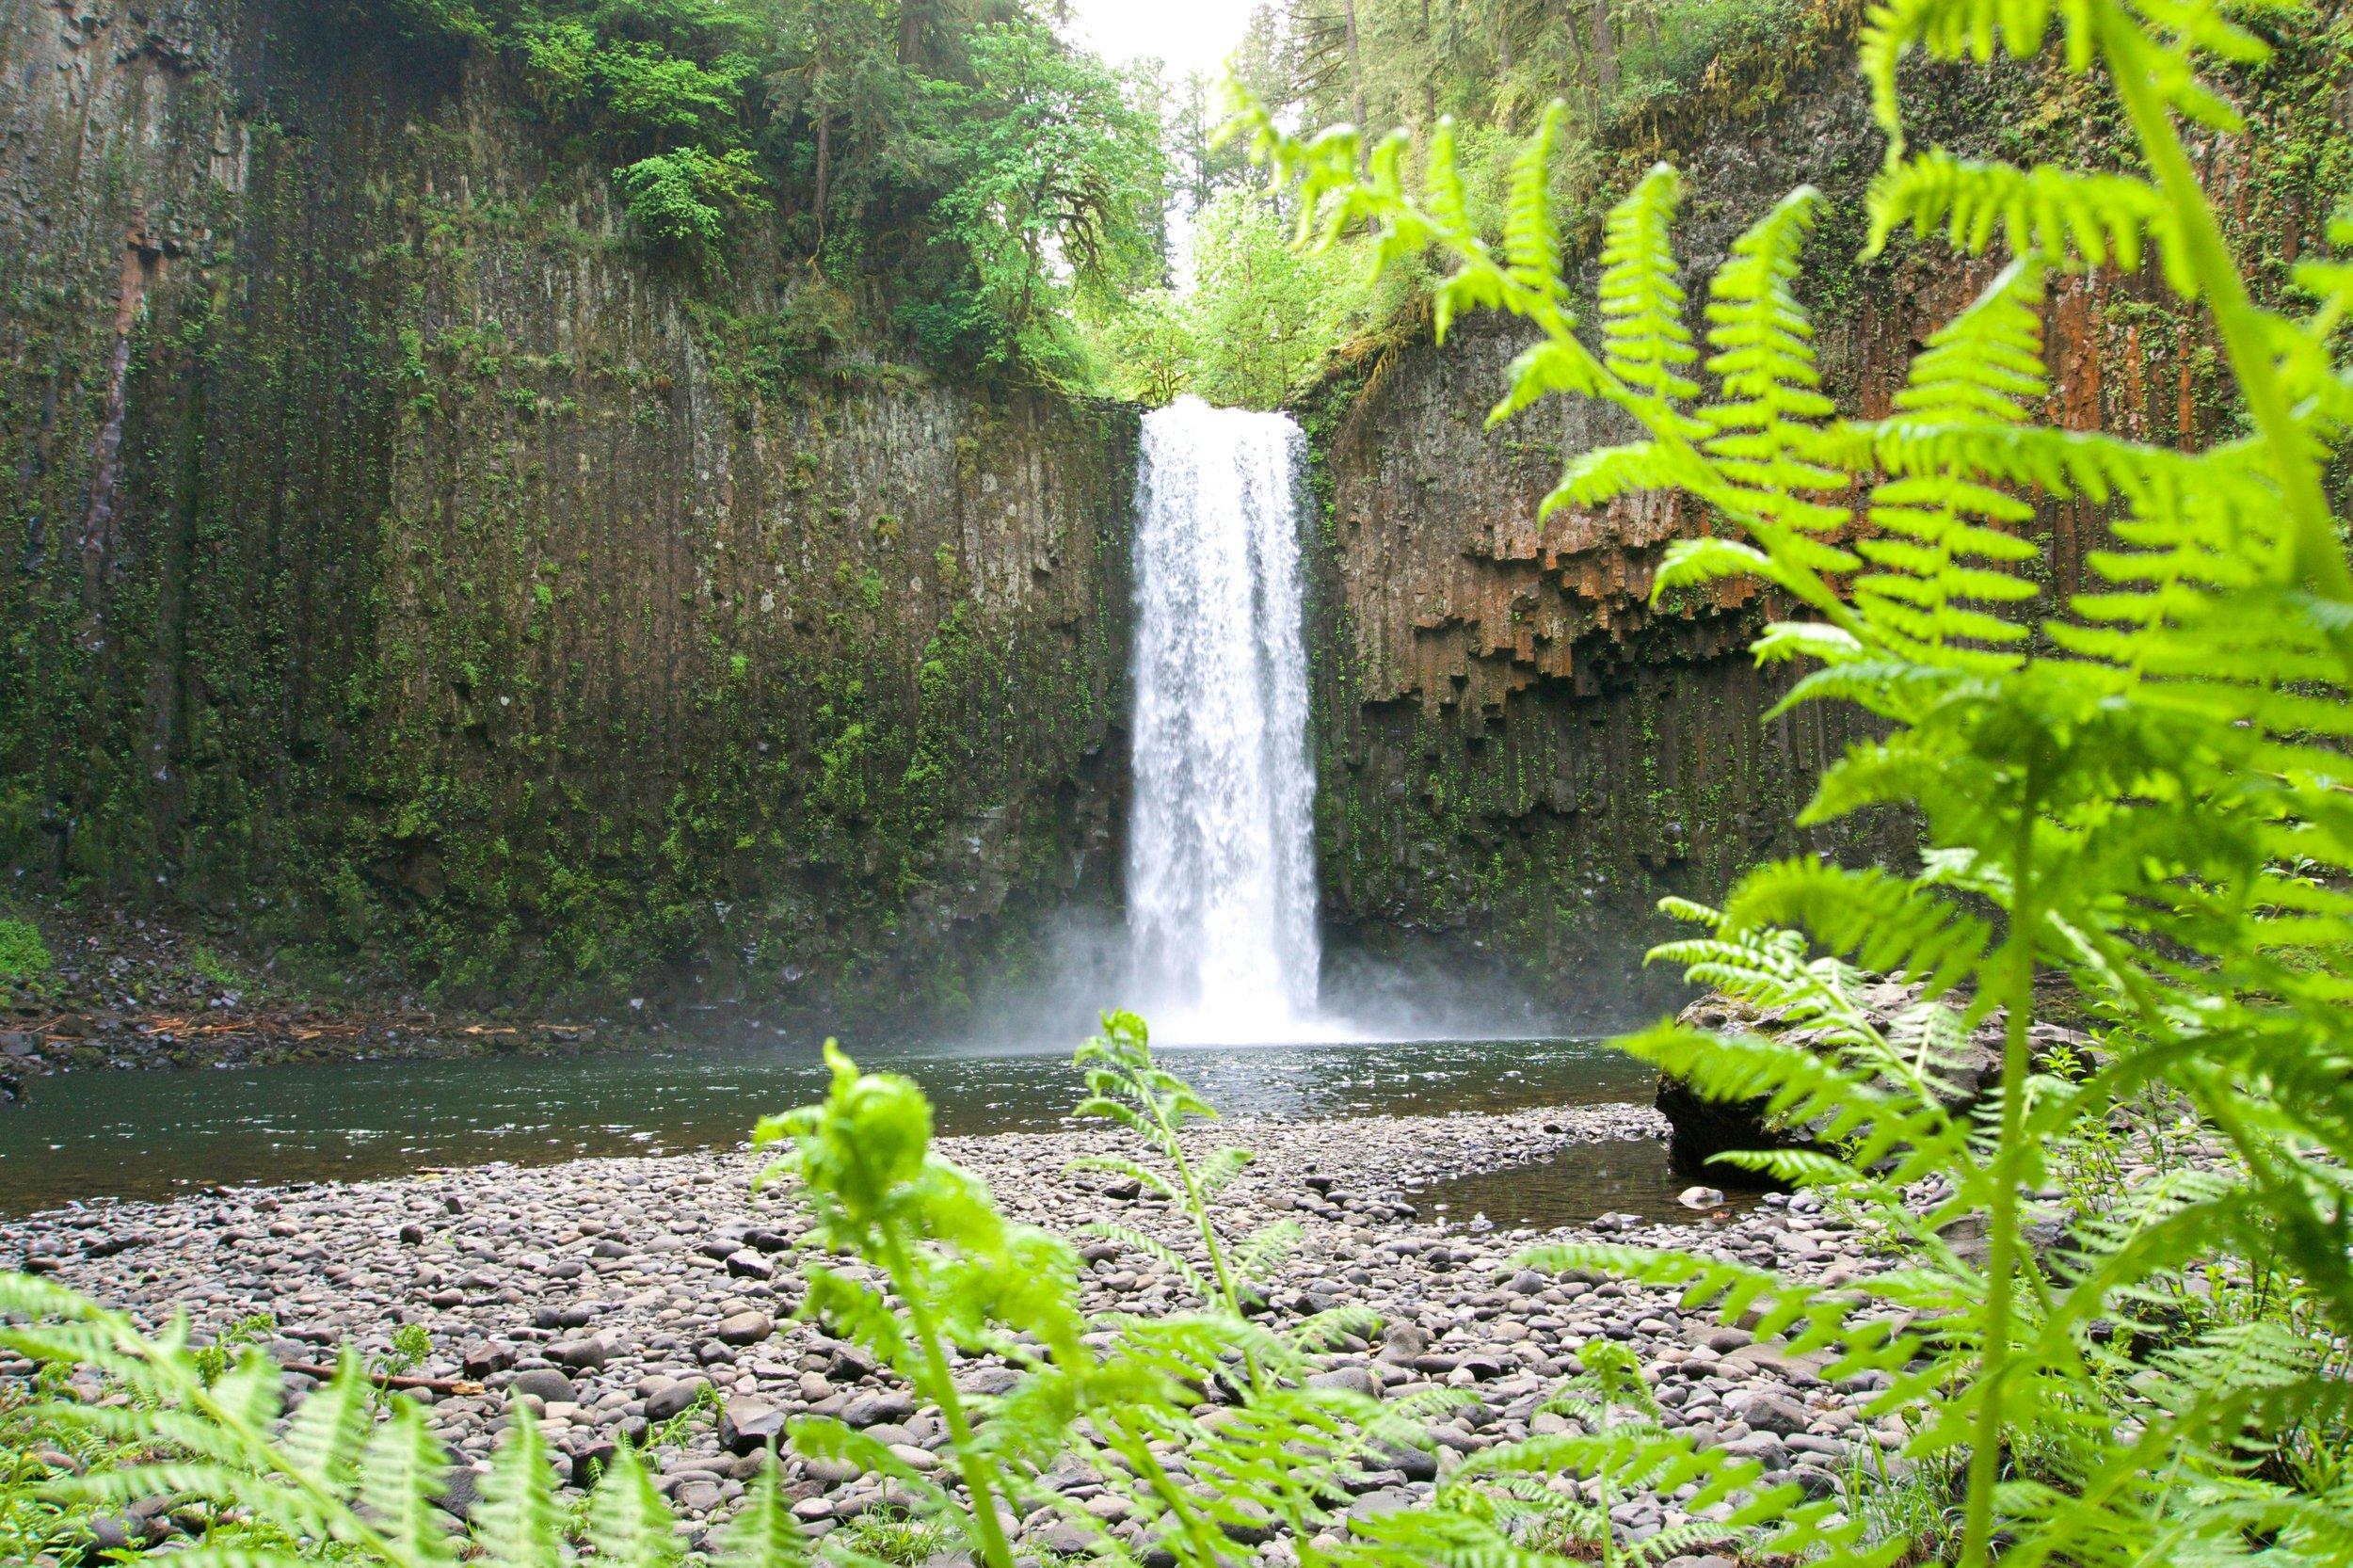 Abiqua Falls, Oregon